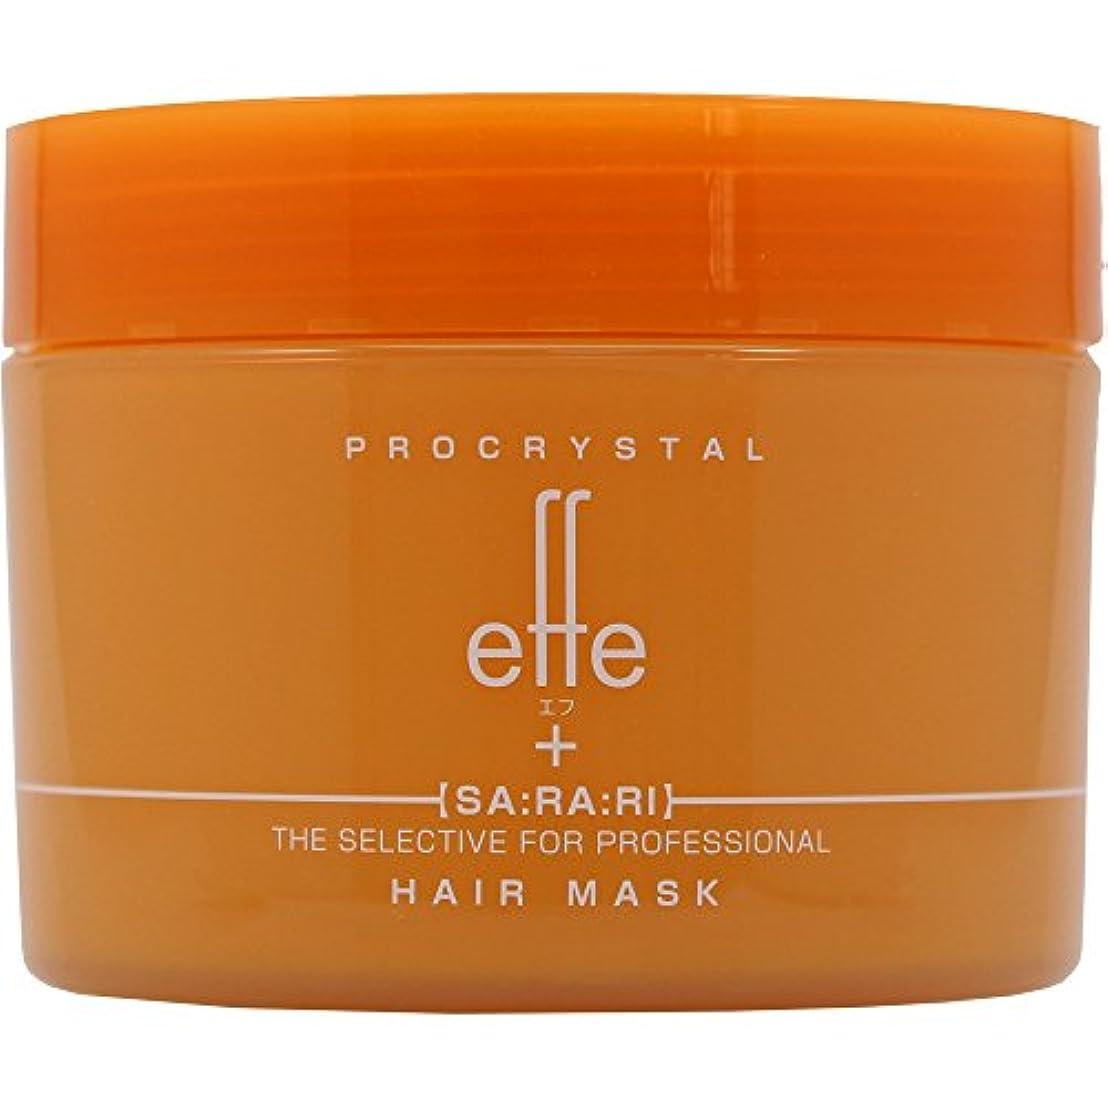 光沢のあるかろうじて反対にアペティート化粧品 プロクリスタル effe (エフ) ヘアマスク さらり200g